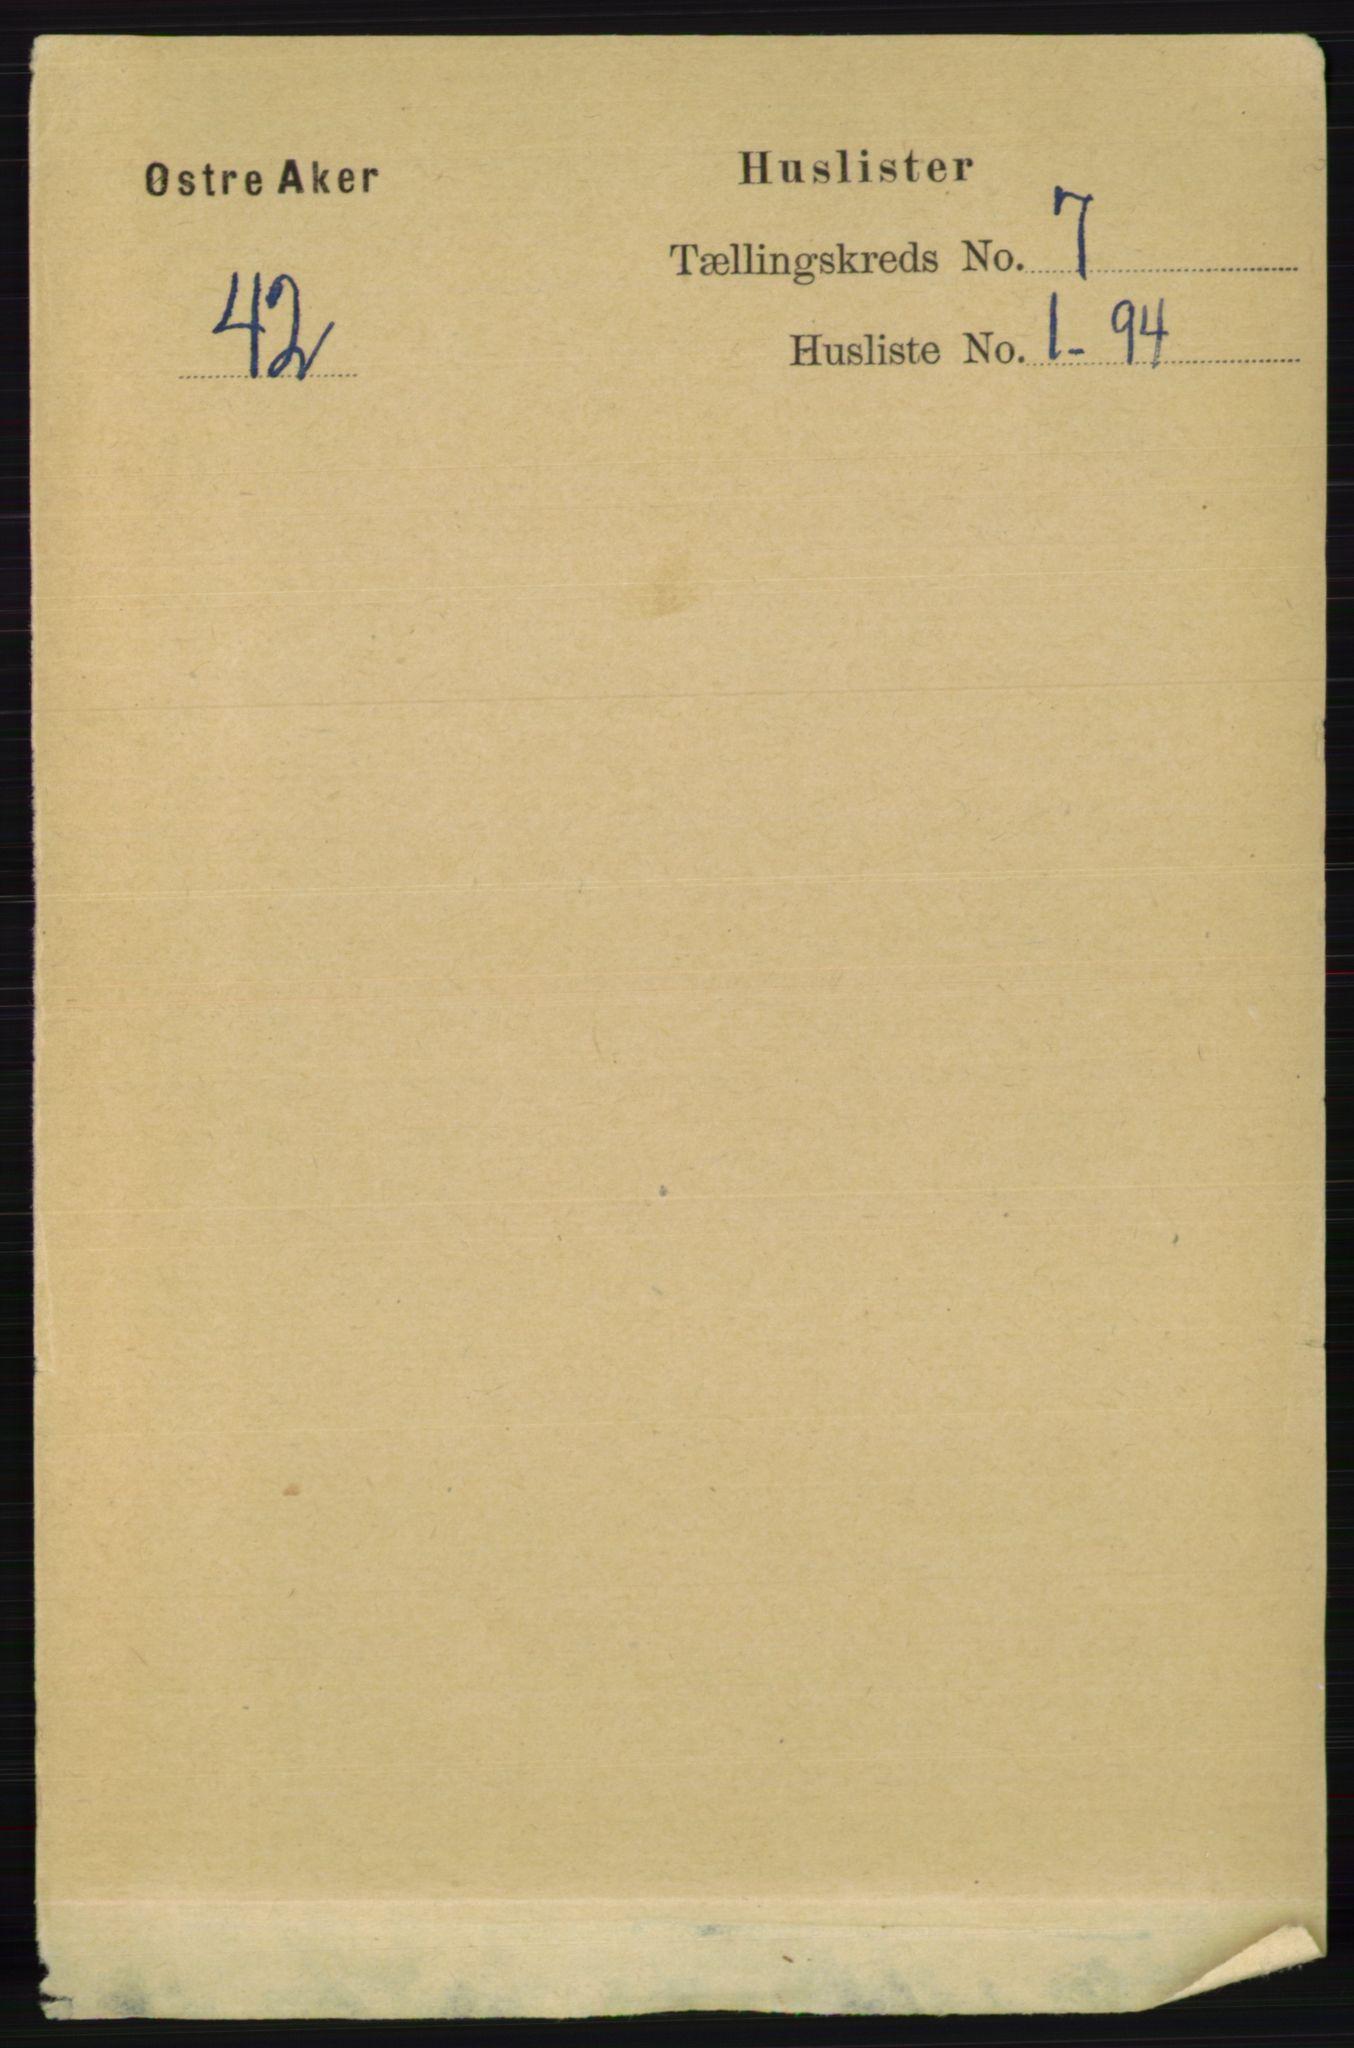 RA, Folketelling 1891 for 0218 Aker herred, 1891, s. 6142